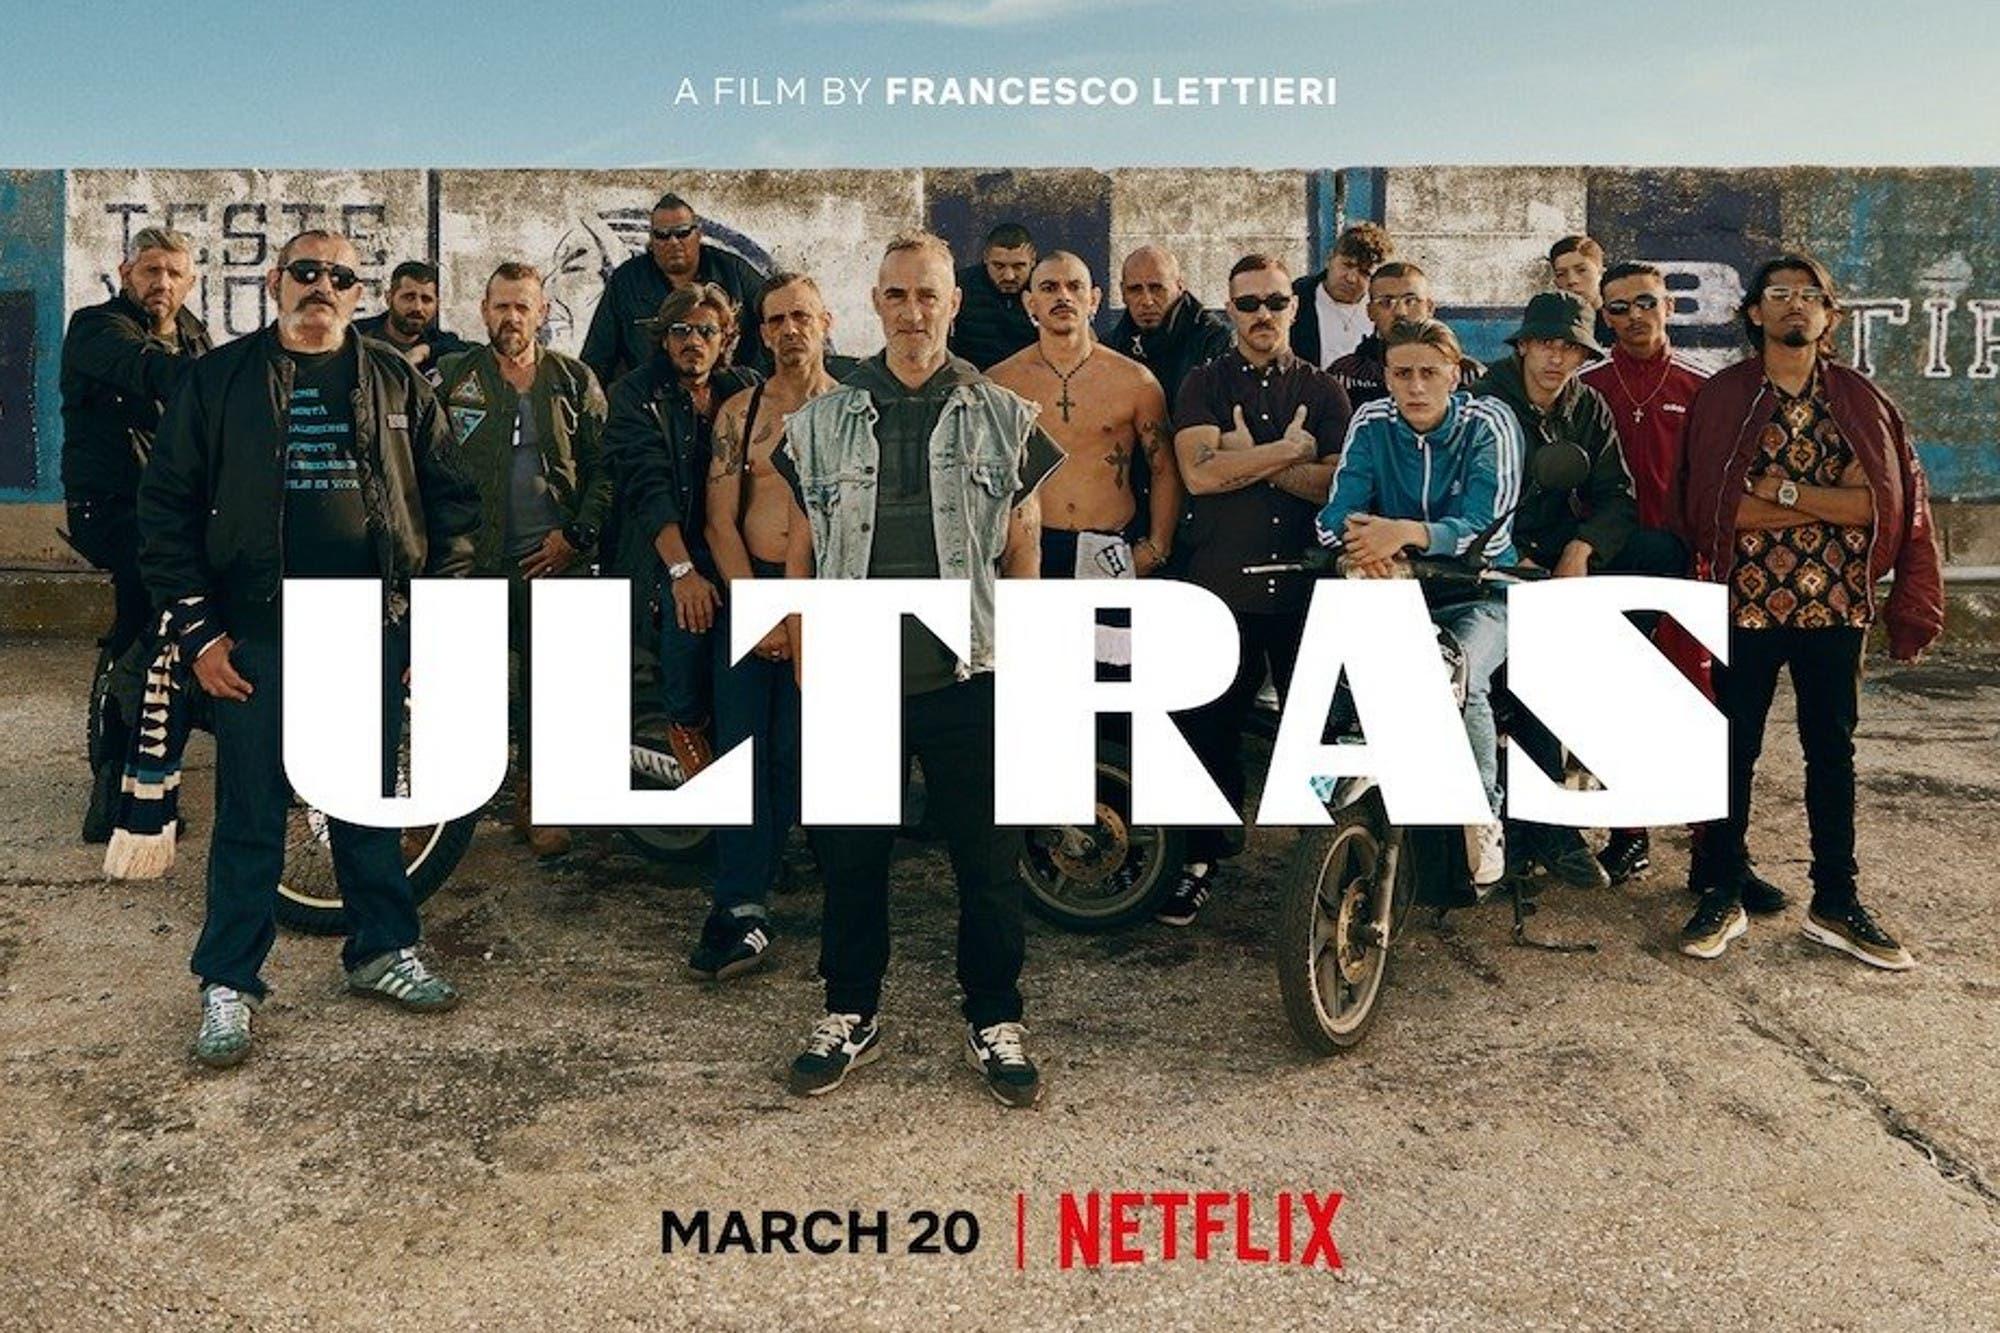 """Maradona, Nápoles y """"ultras"""": la cultura del aguante 'alla italiana' en Netflix"""